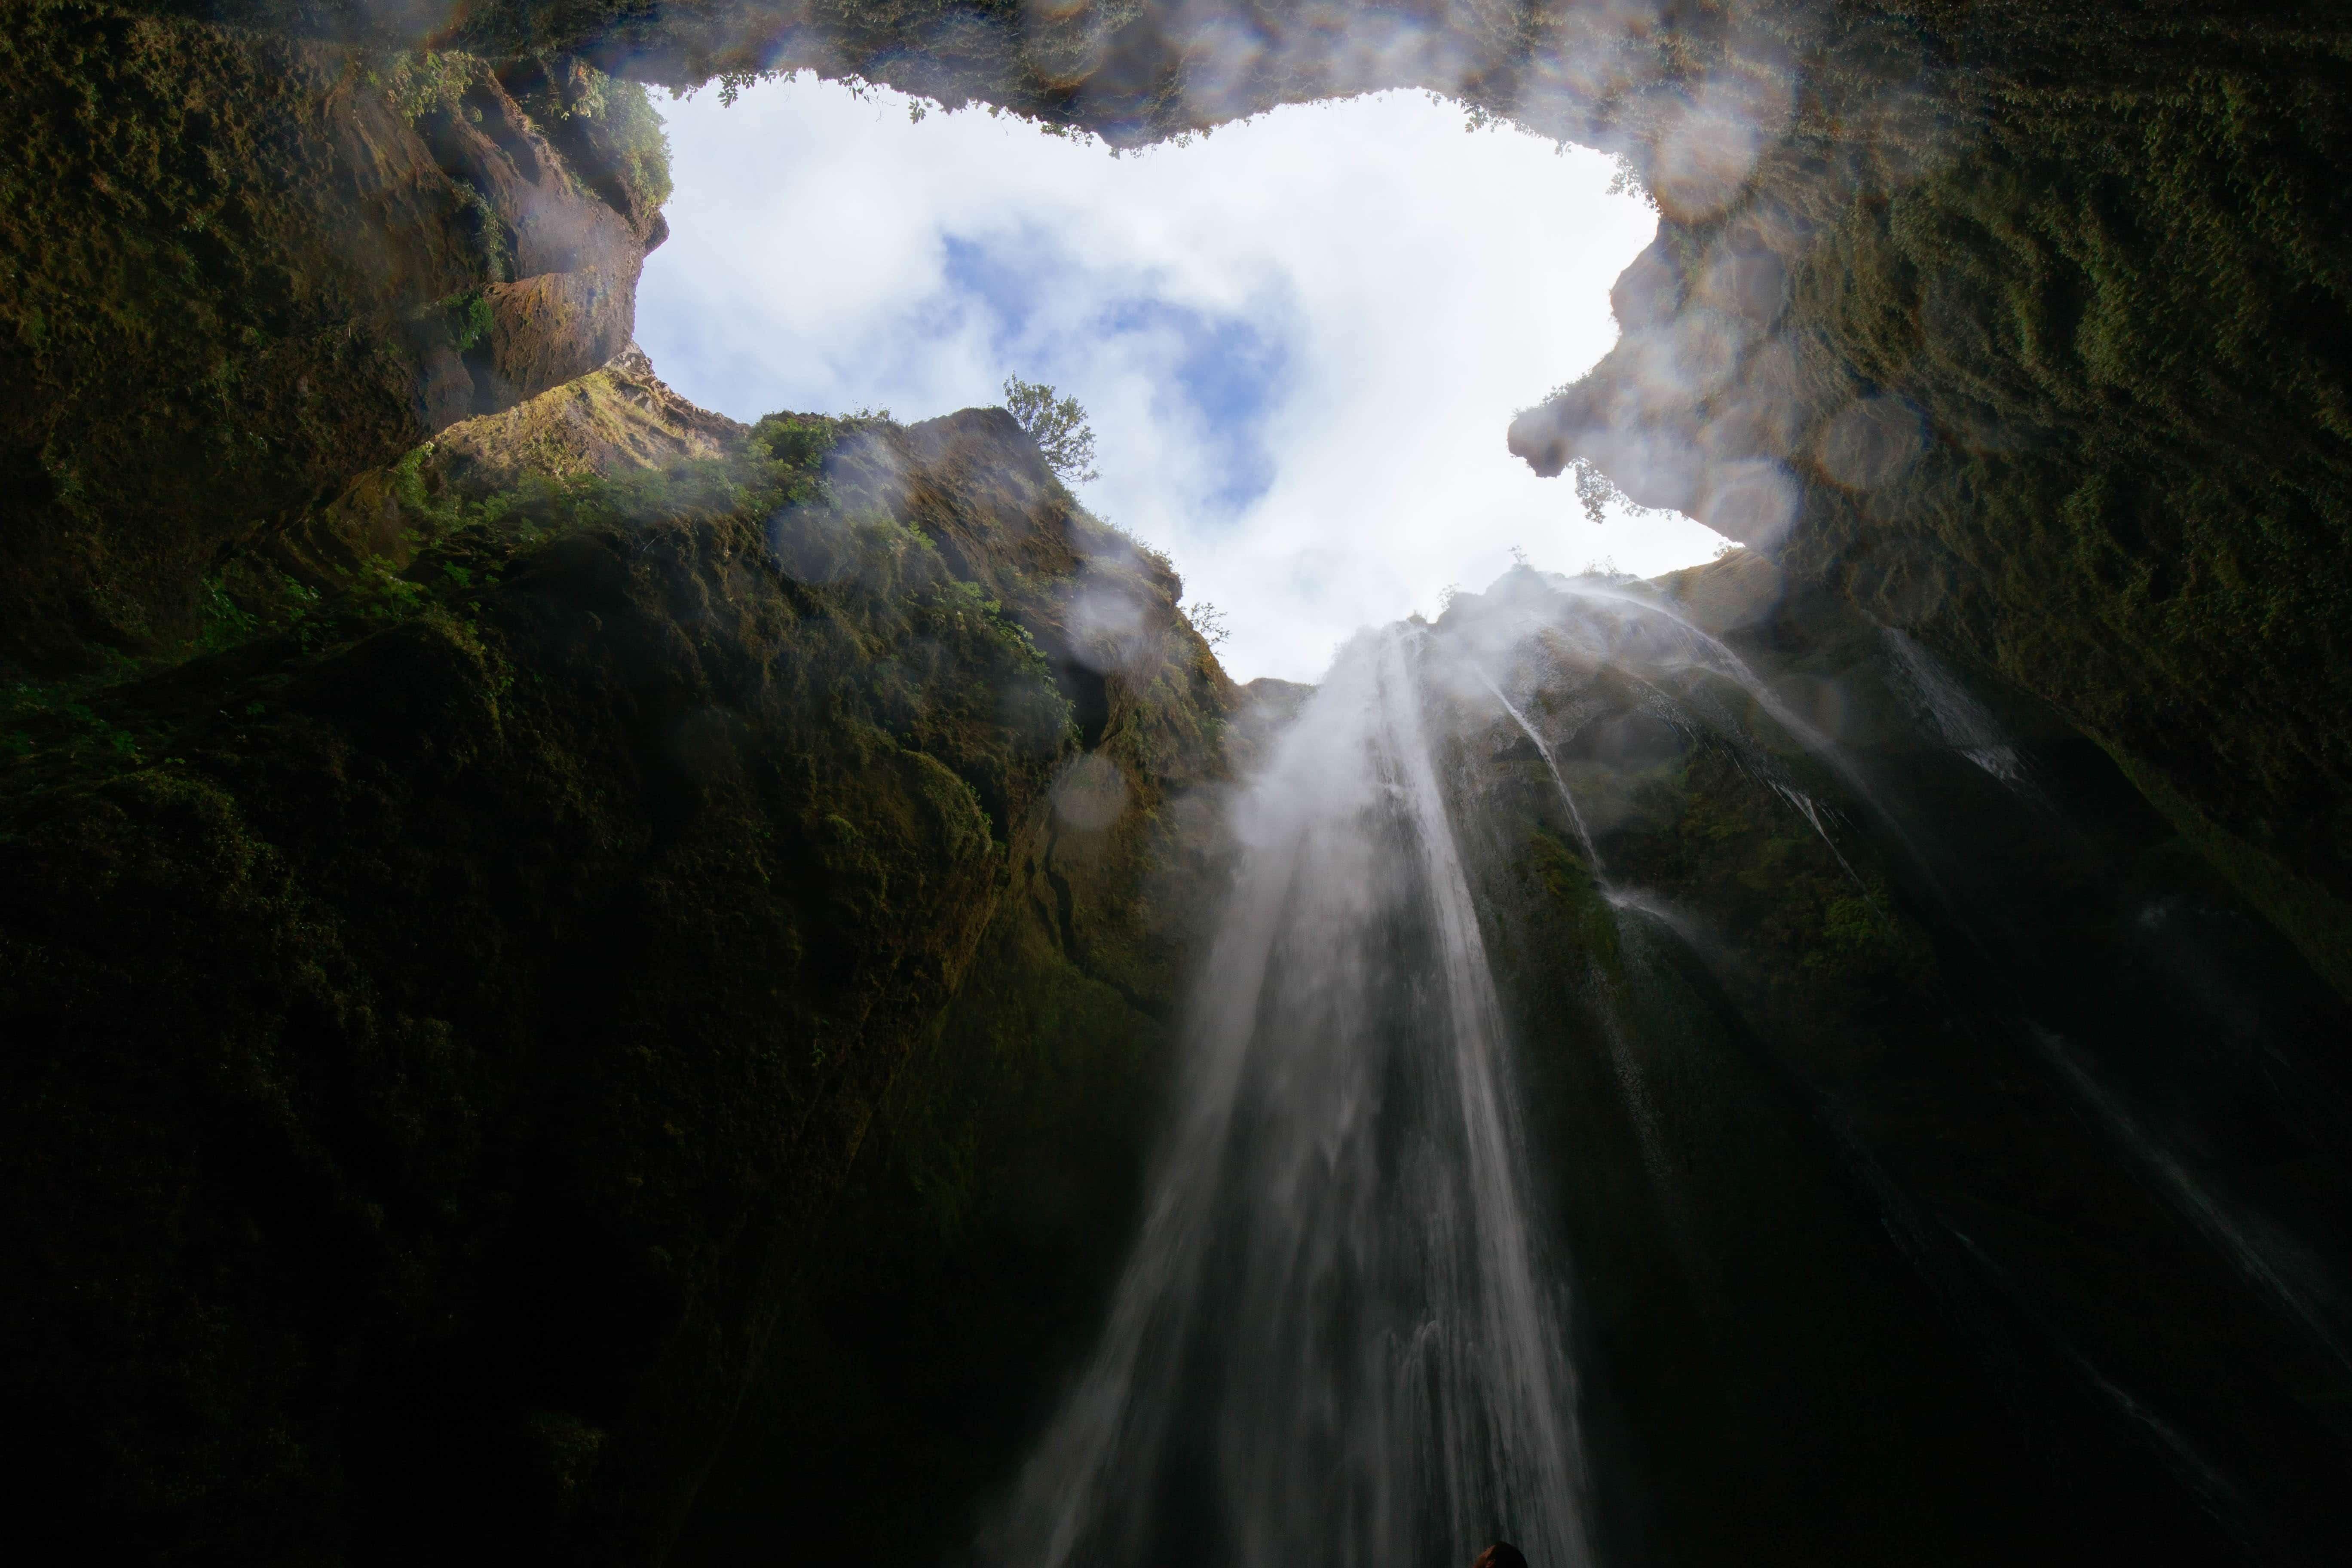 光降り注ぎ水が流れ込む谷